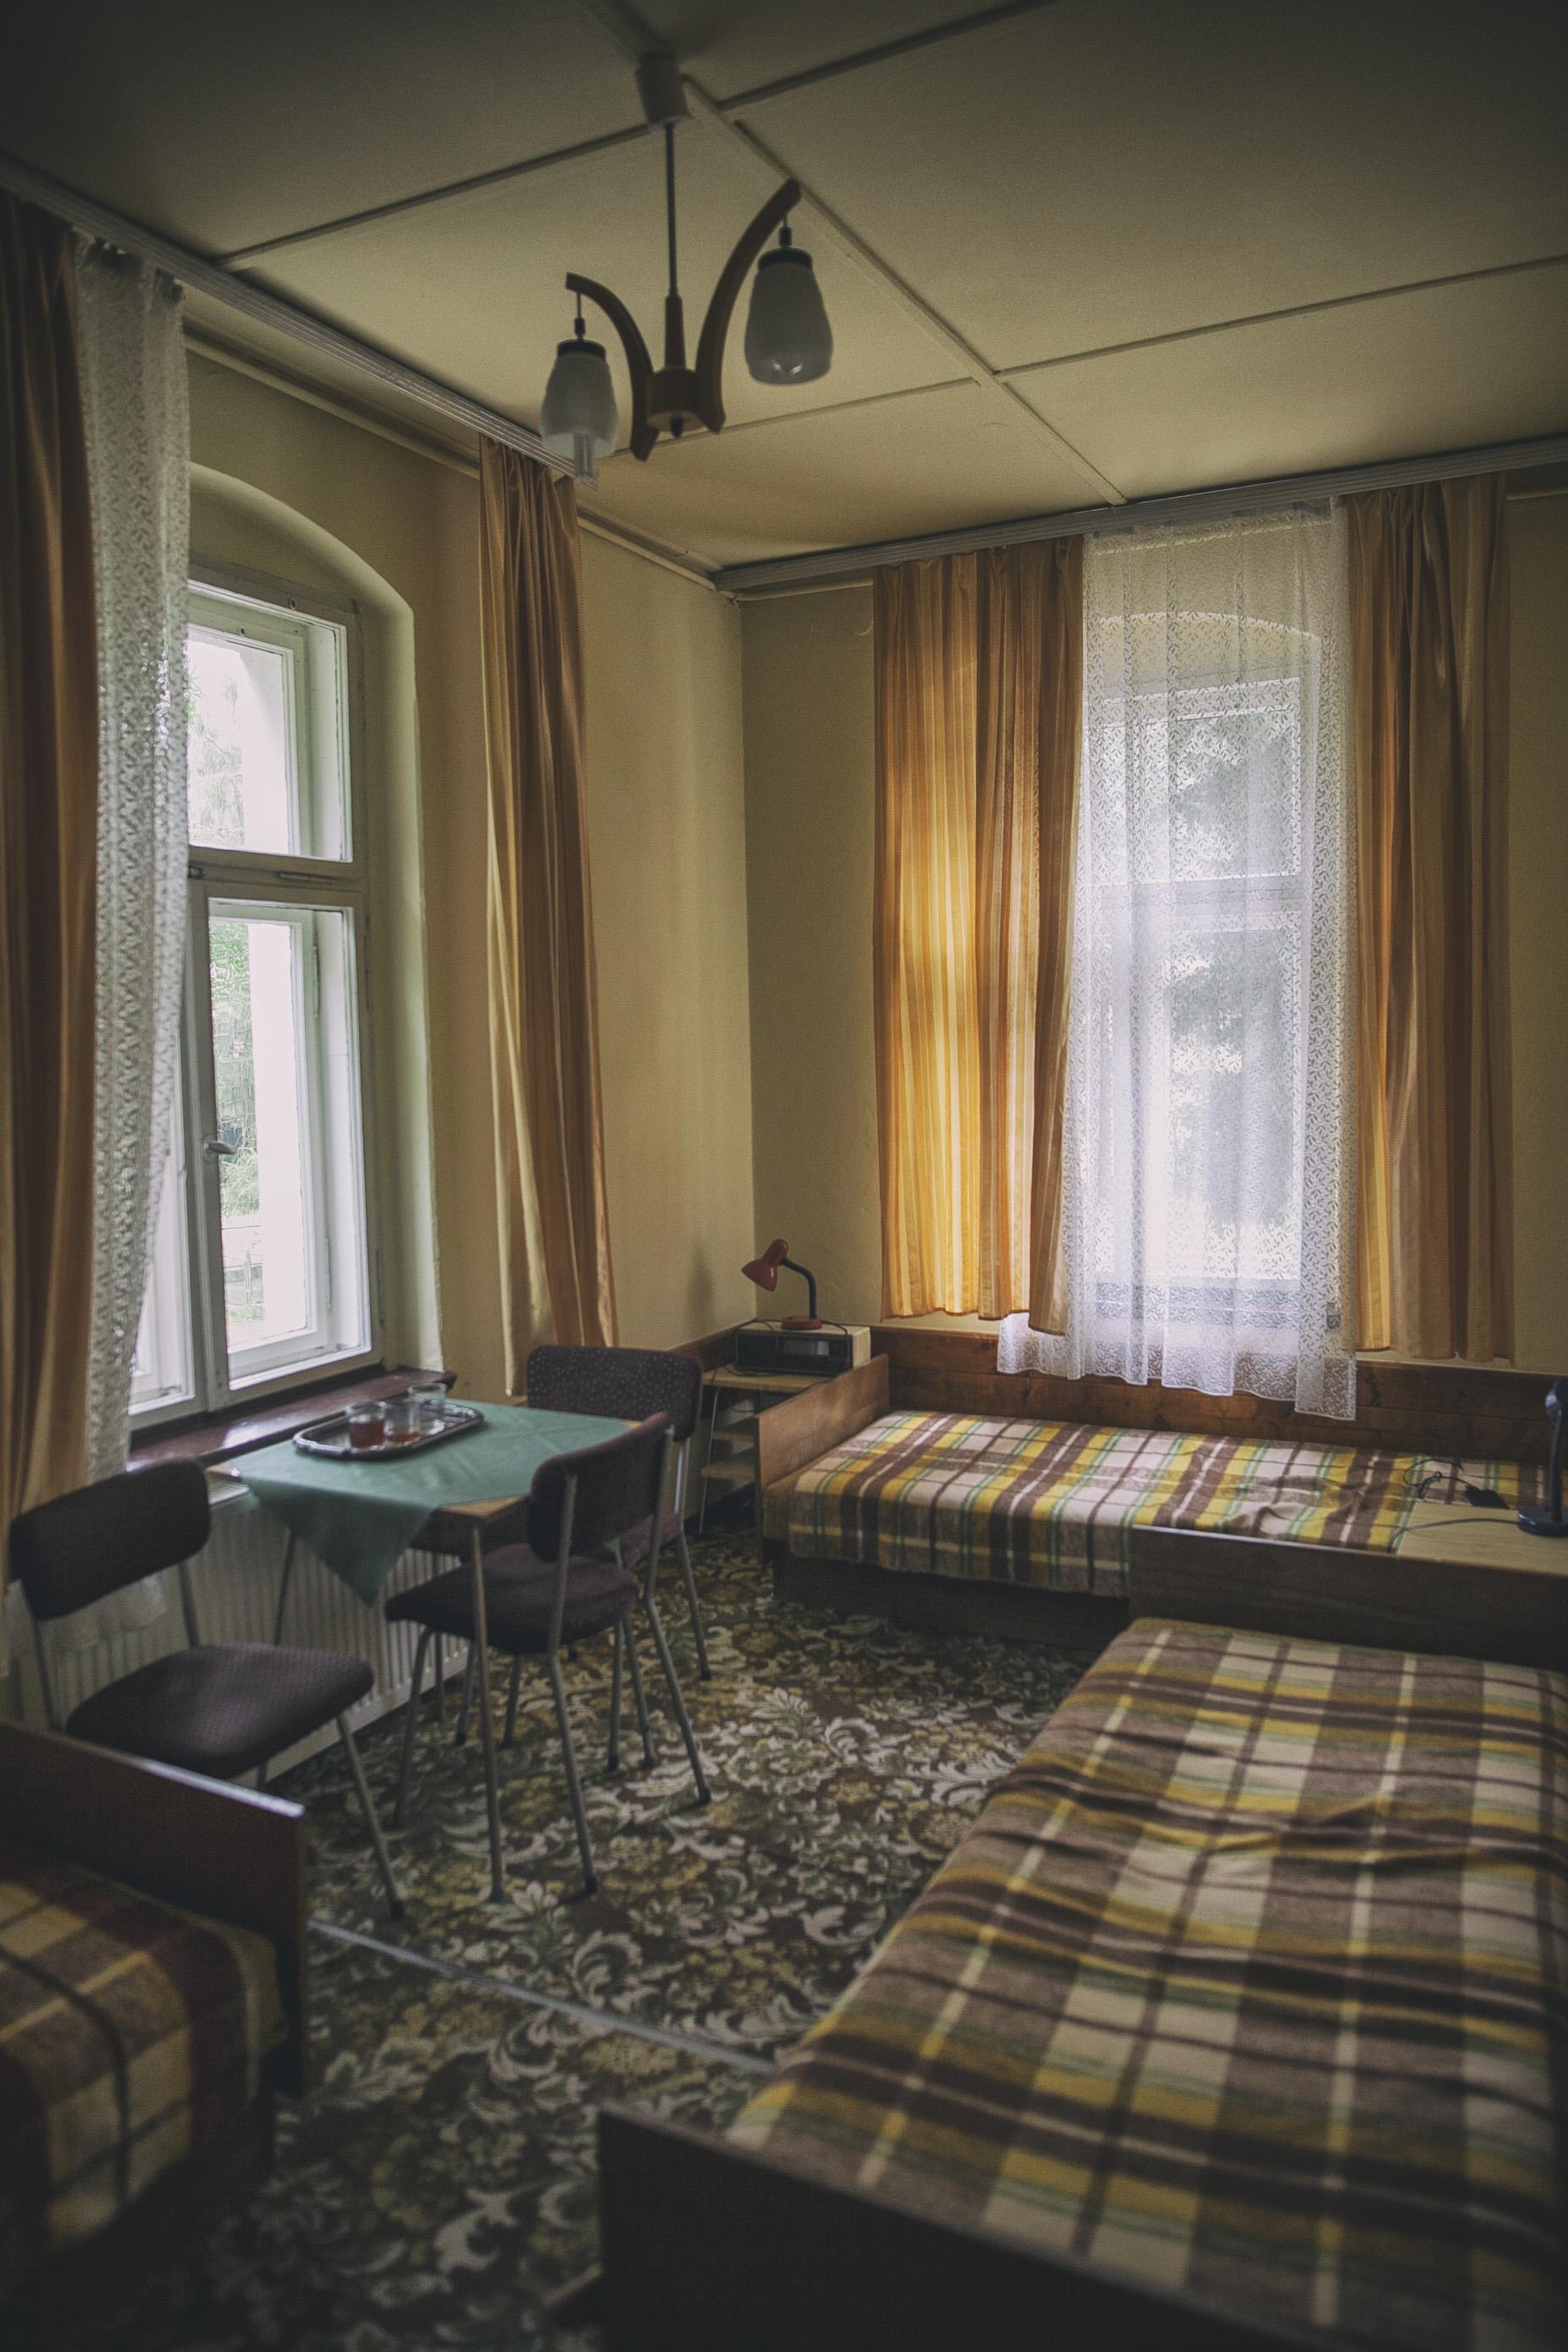 Pokoje w schronisku to doskonale zachowane lata 70-te PRL. Prawdziwa perełka :)